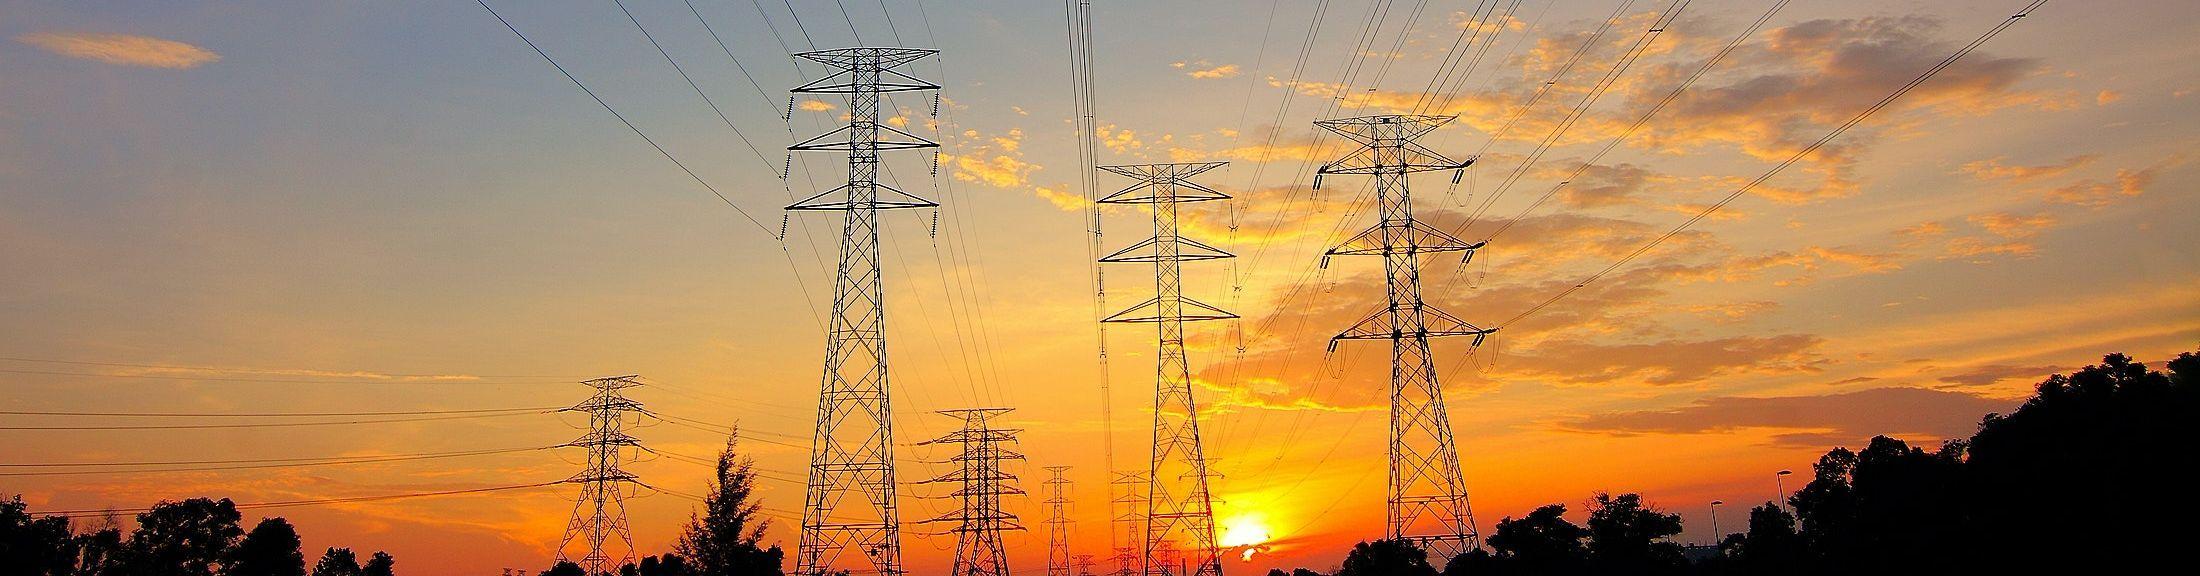 AleaSoft: ¿Qué se necesita para que todo lo que pueda ser smart, sea smart en el sector de la energía?